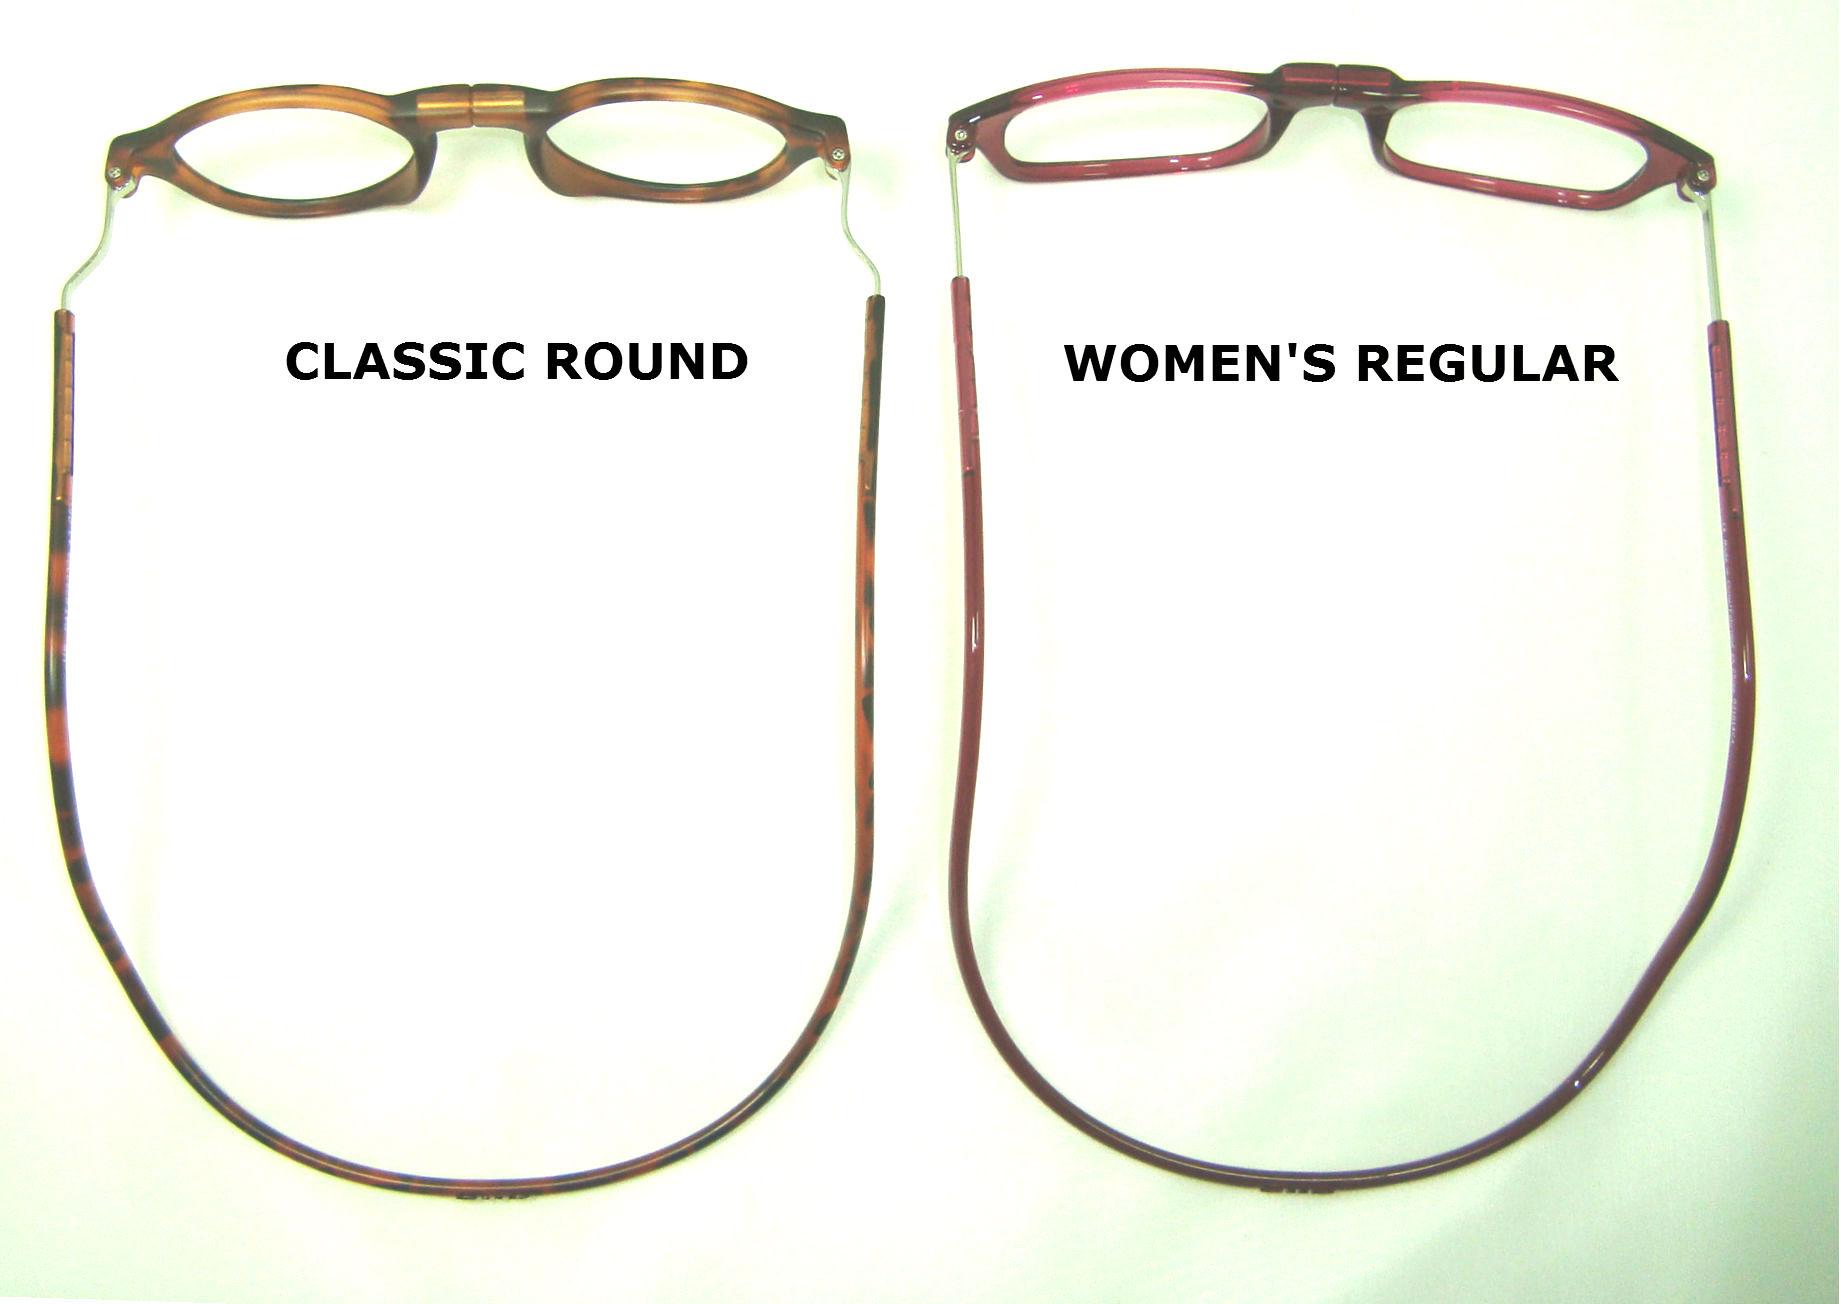 ROUND&WOMEN'S REGULAR WEB